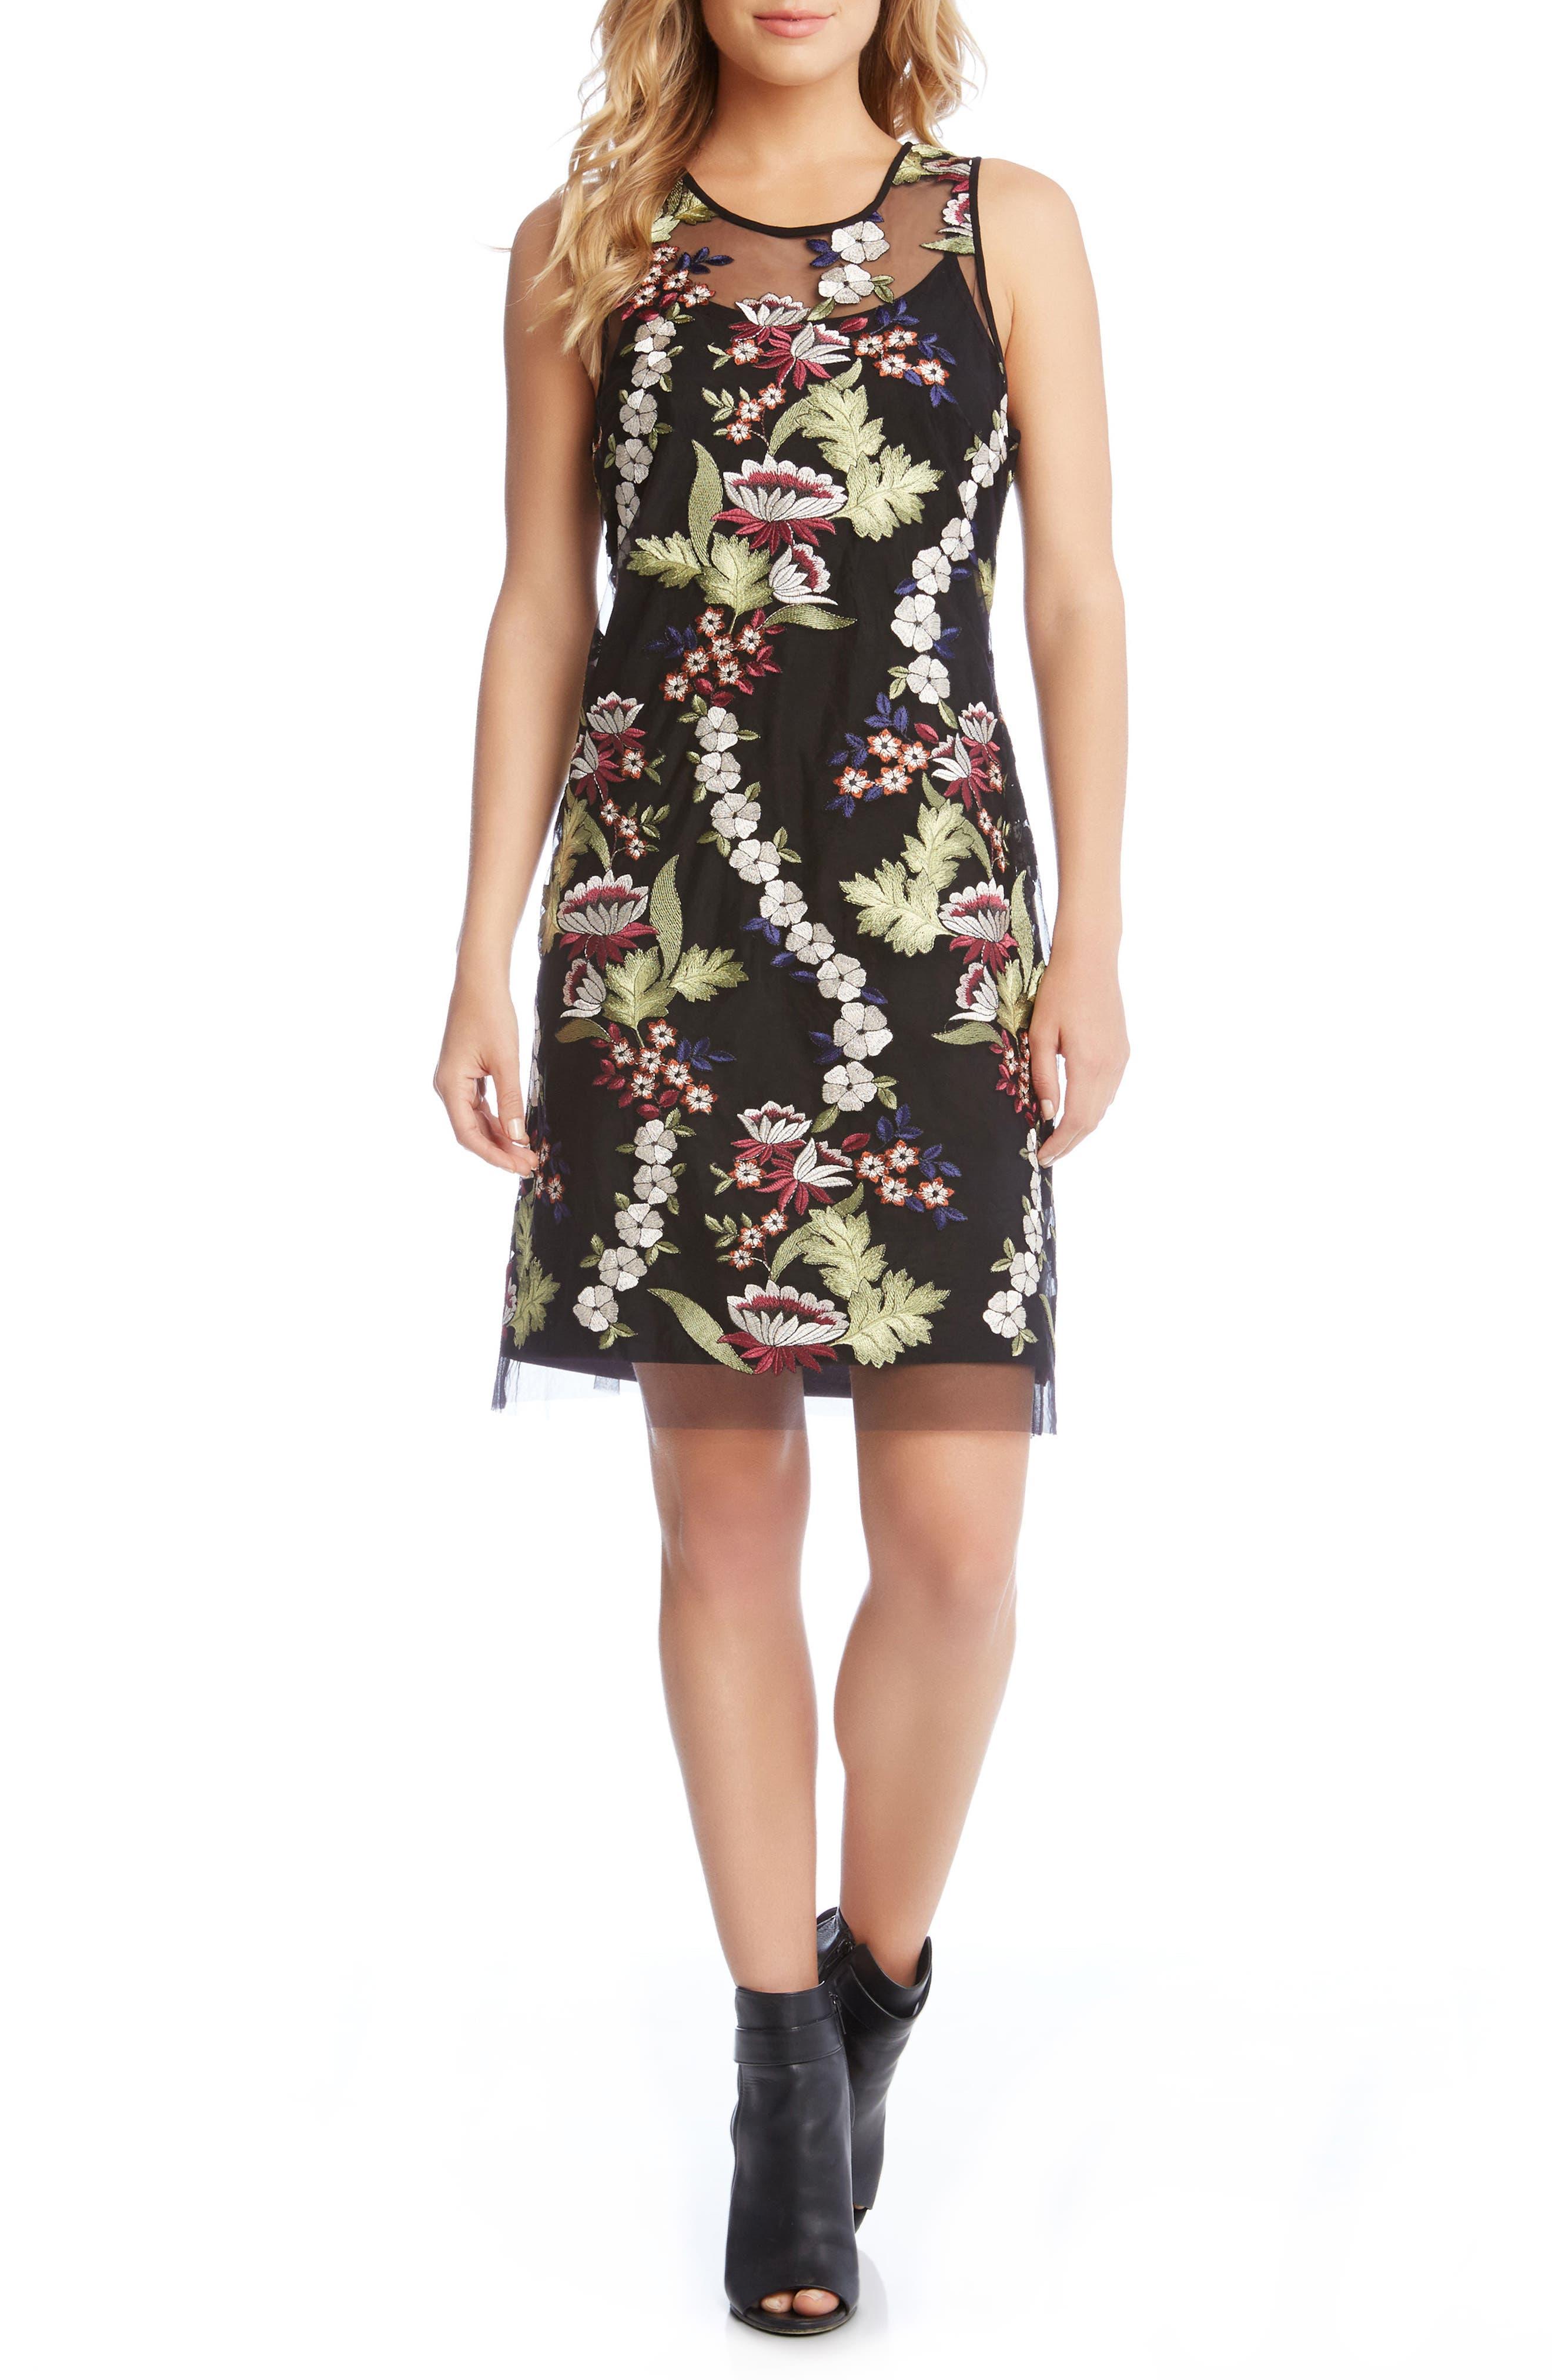 Alternate Image 1 Selected - Karen Kane Floral Embroidery A-Line Dress